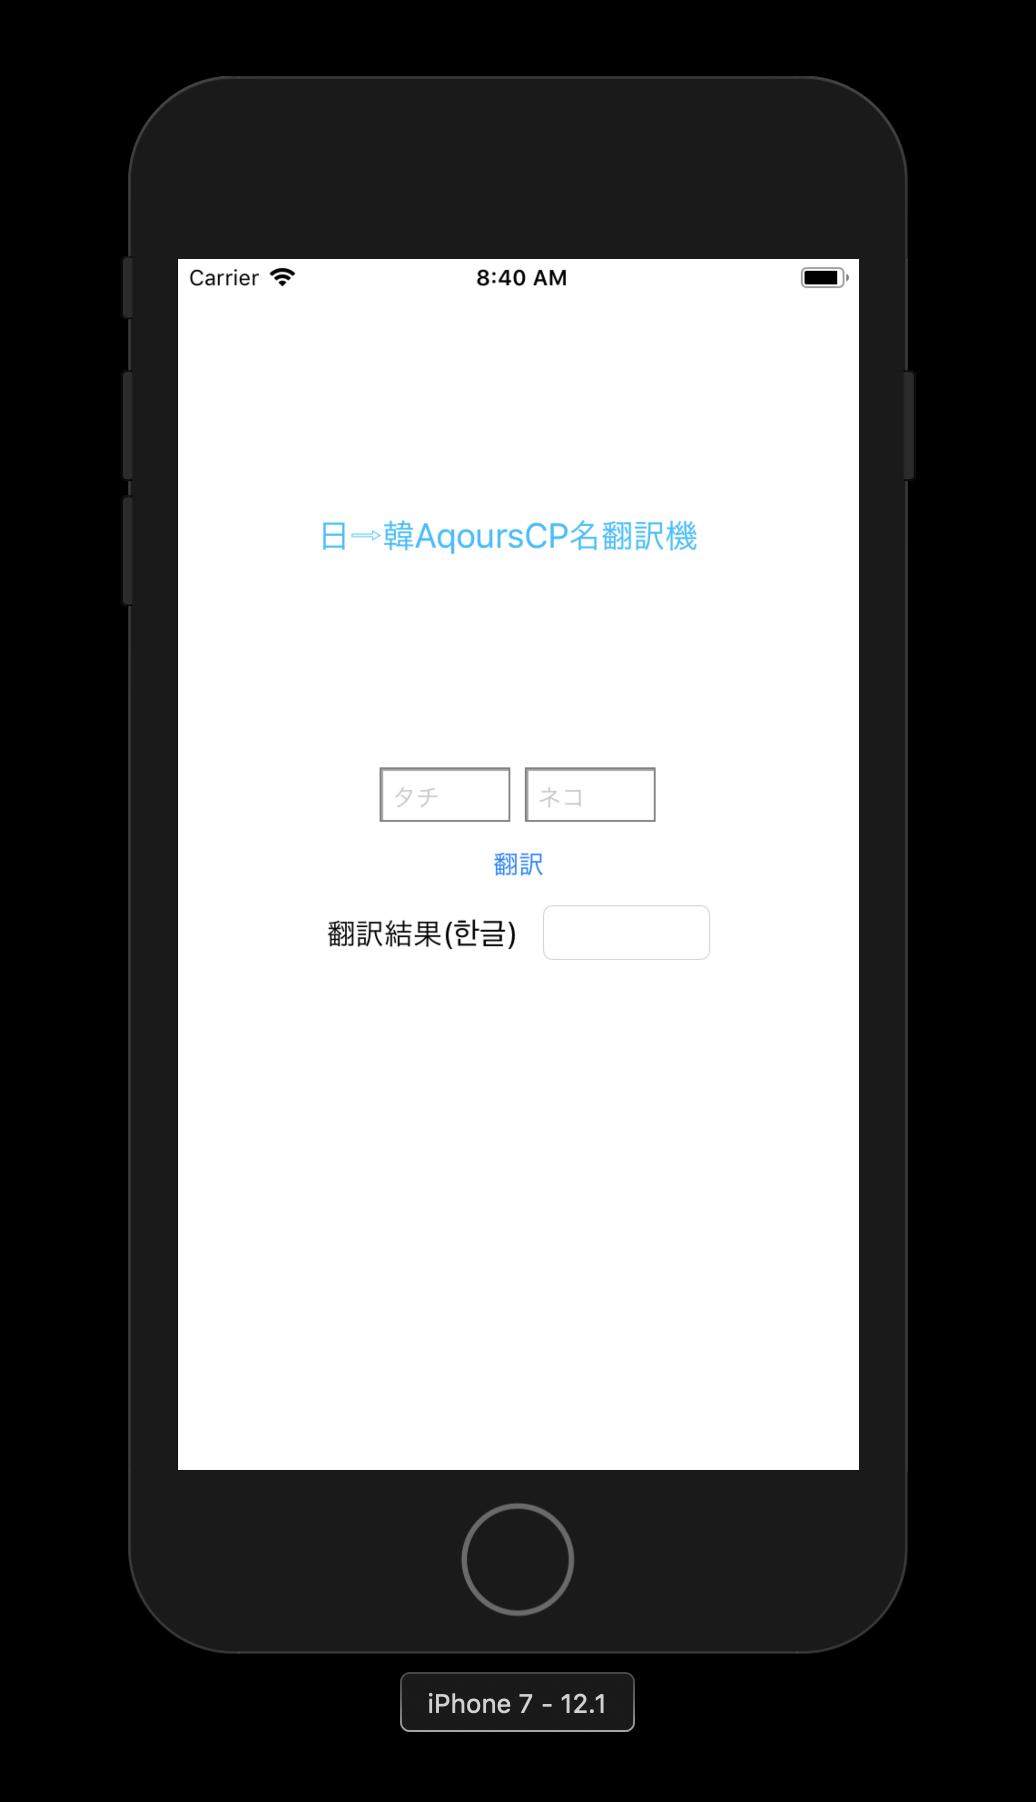 スクリーンショット 2019-02-08 8.40.10.png